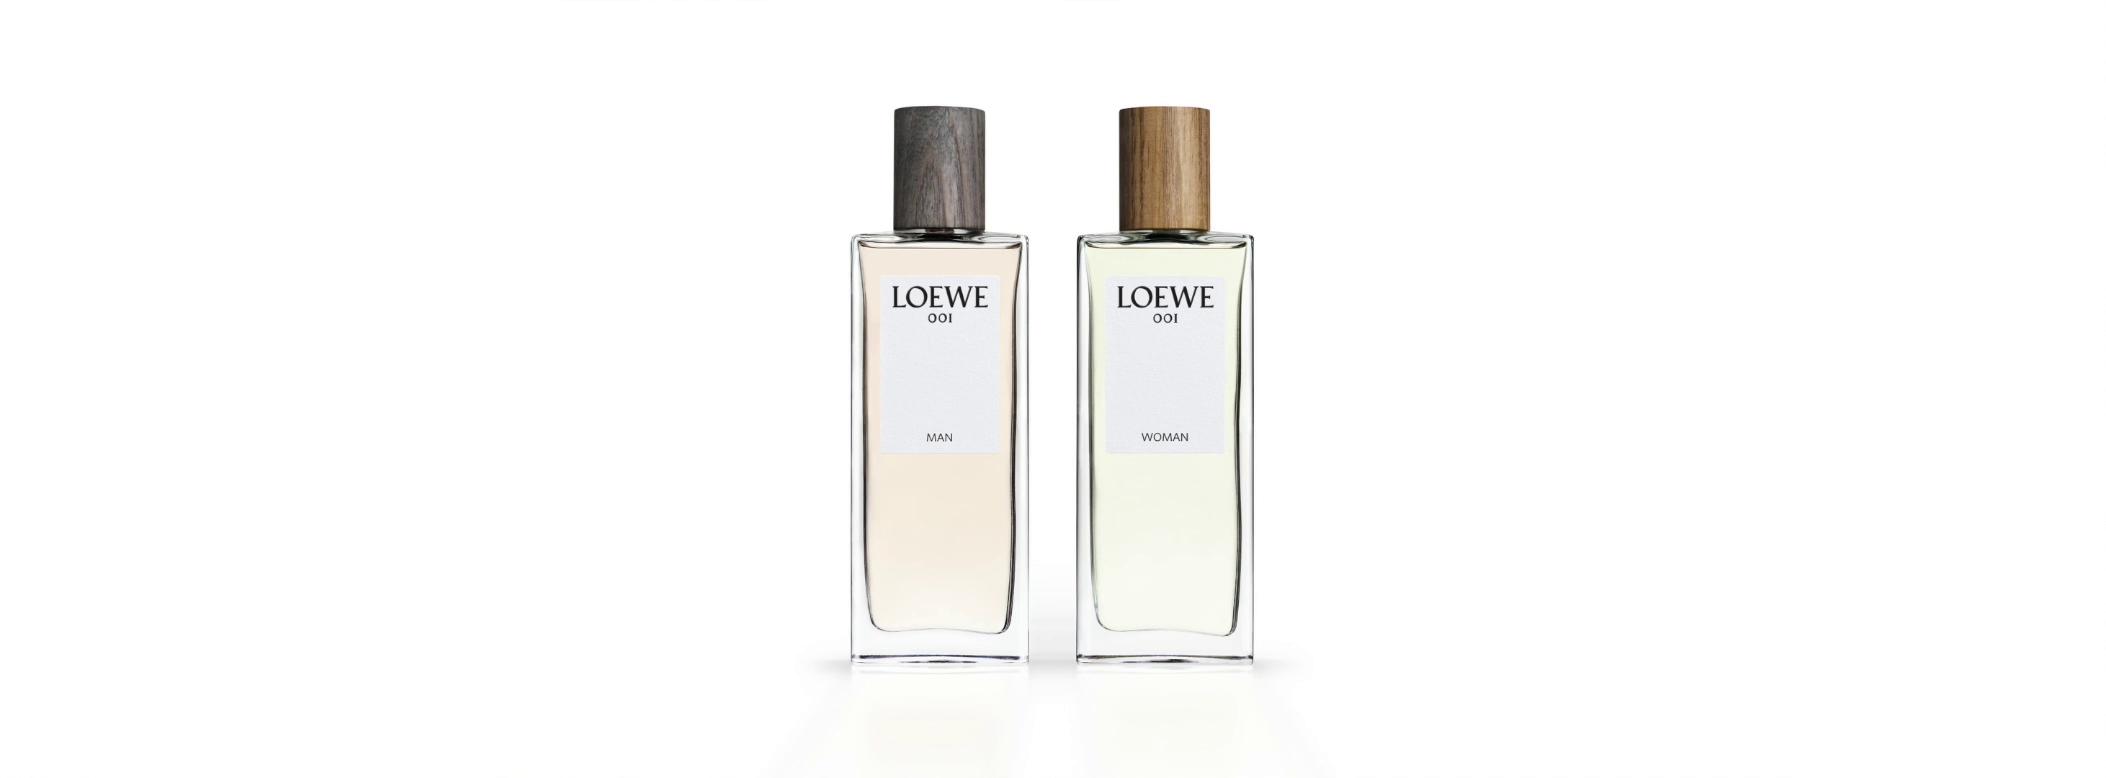 Uniche E Perfumes LoeweFragranze Cosmetici Lvmh Profumi eEH2DIYW9